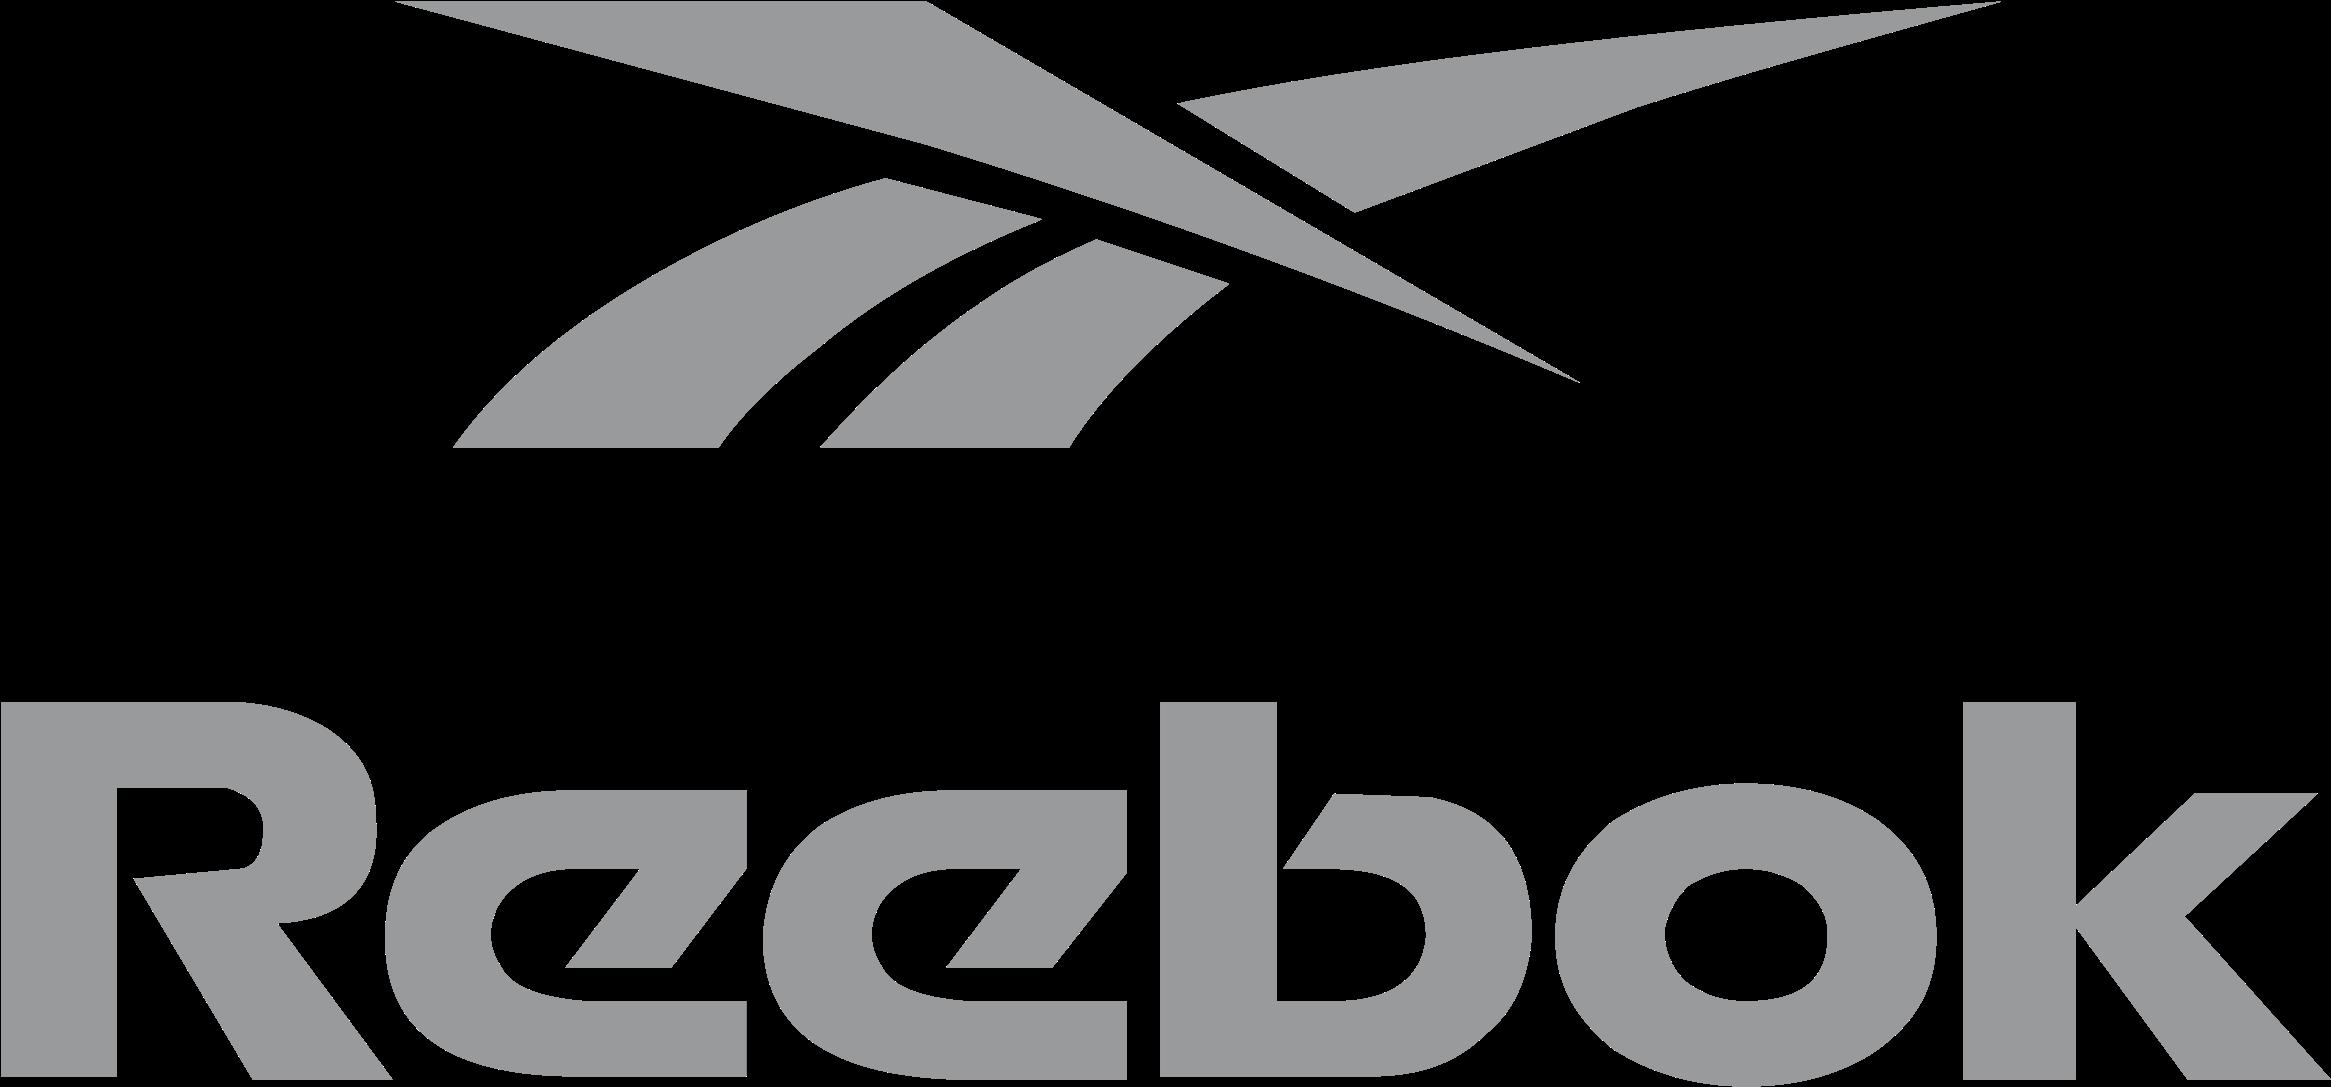 Download Reebok Logo Png Transparent - Reebok Logo Png Image With Pluspng.com  - Reebok Logo PNG